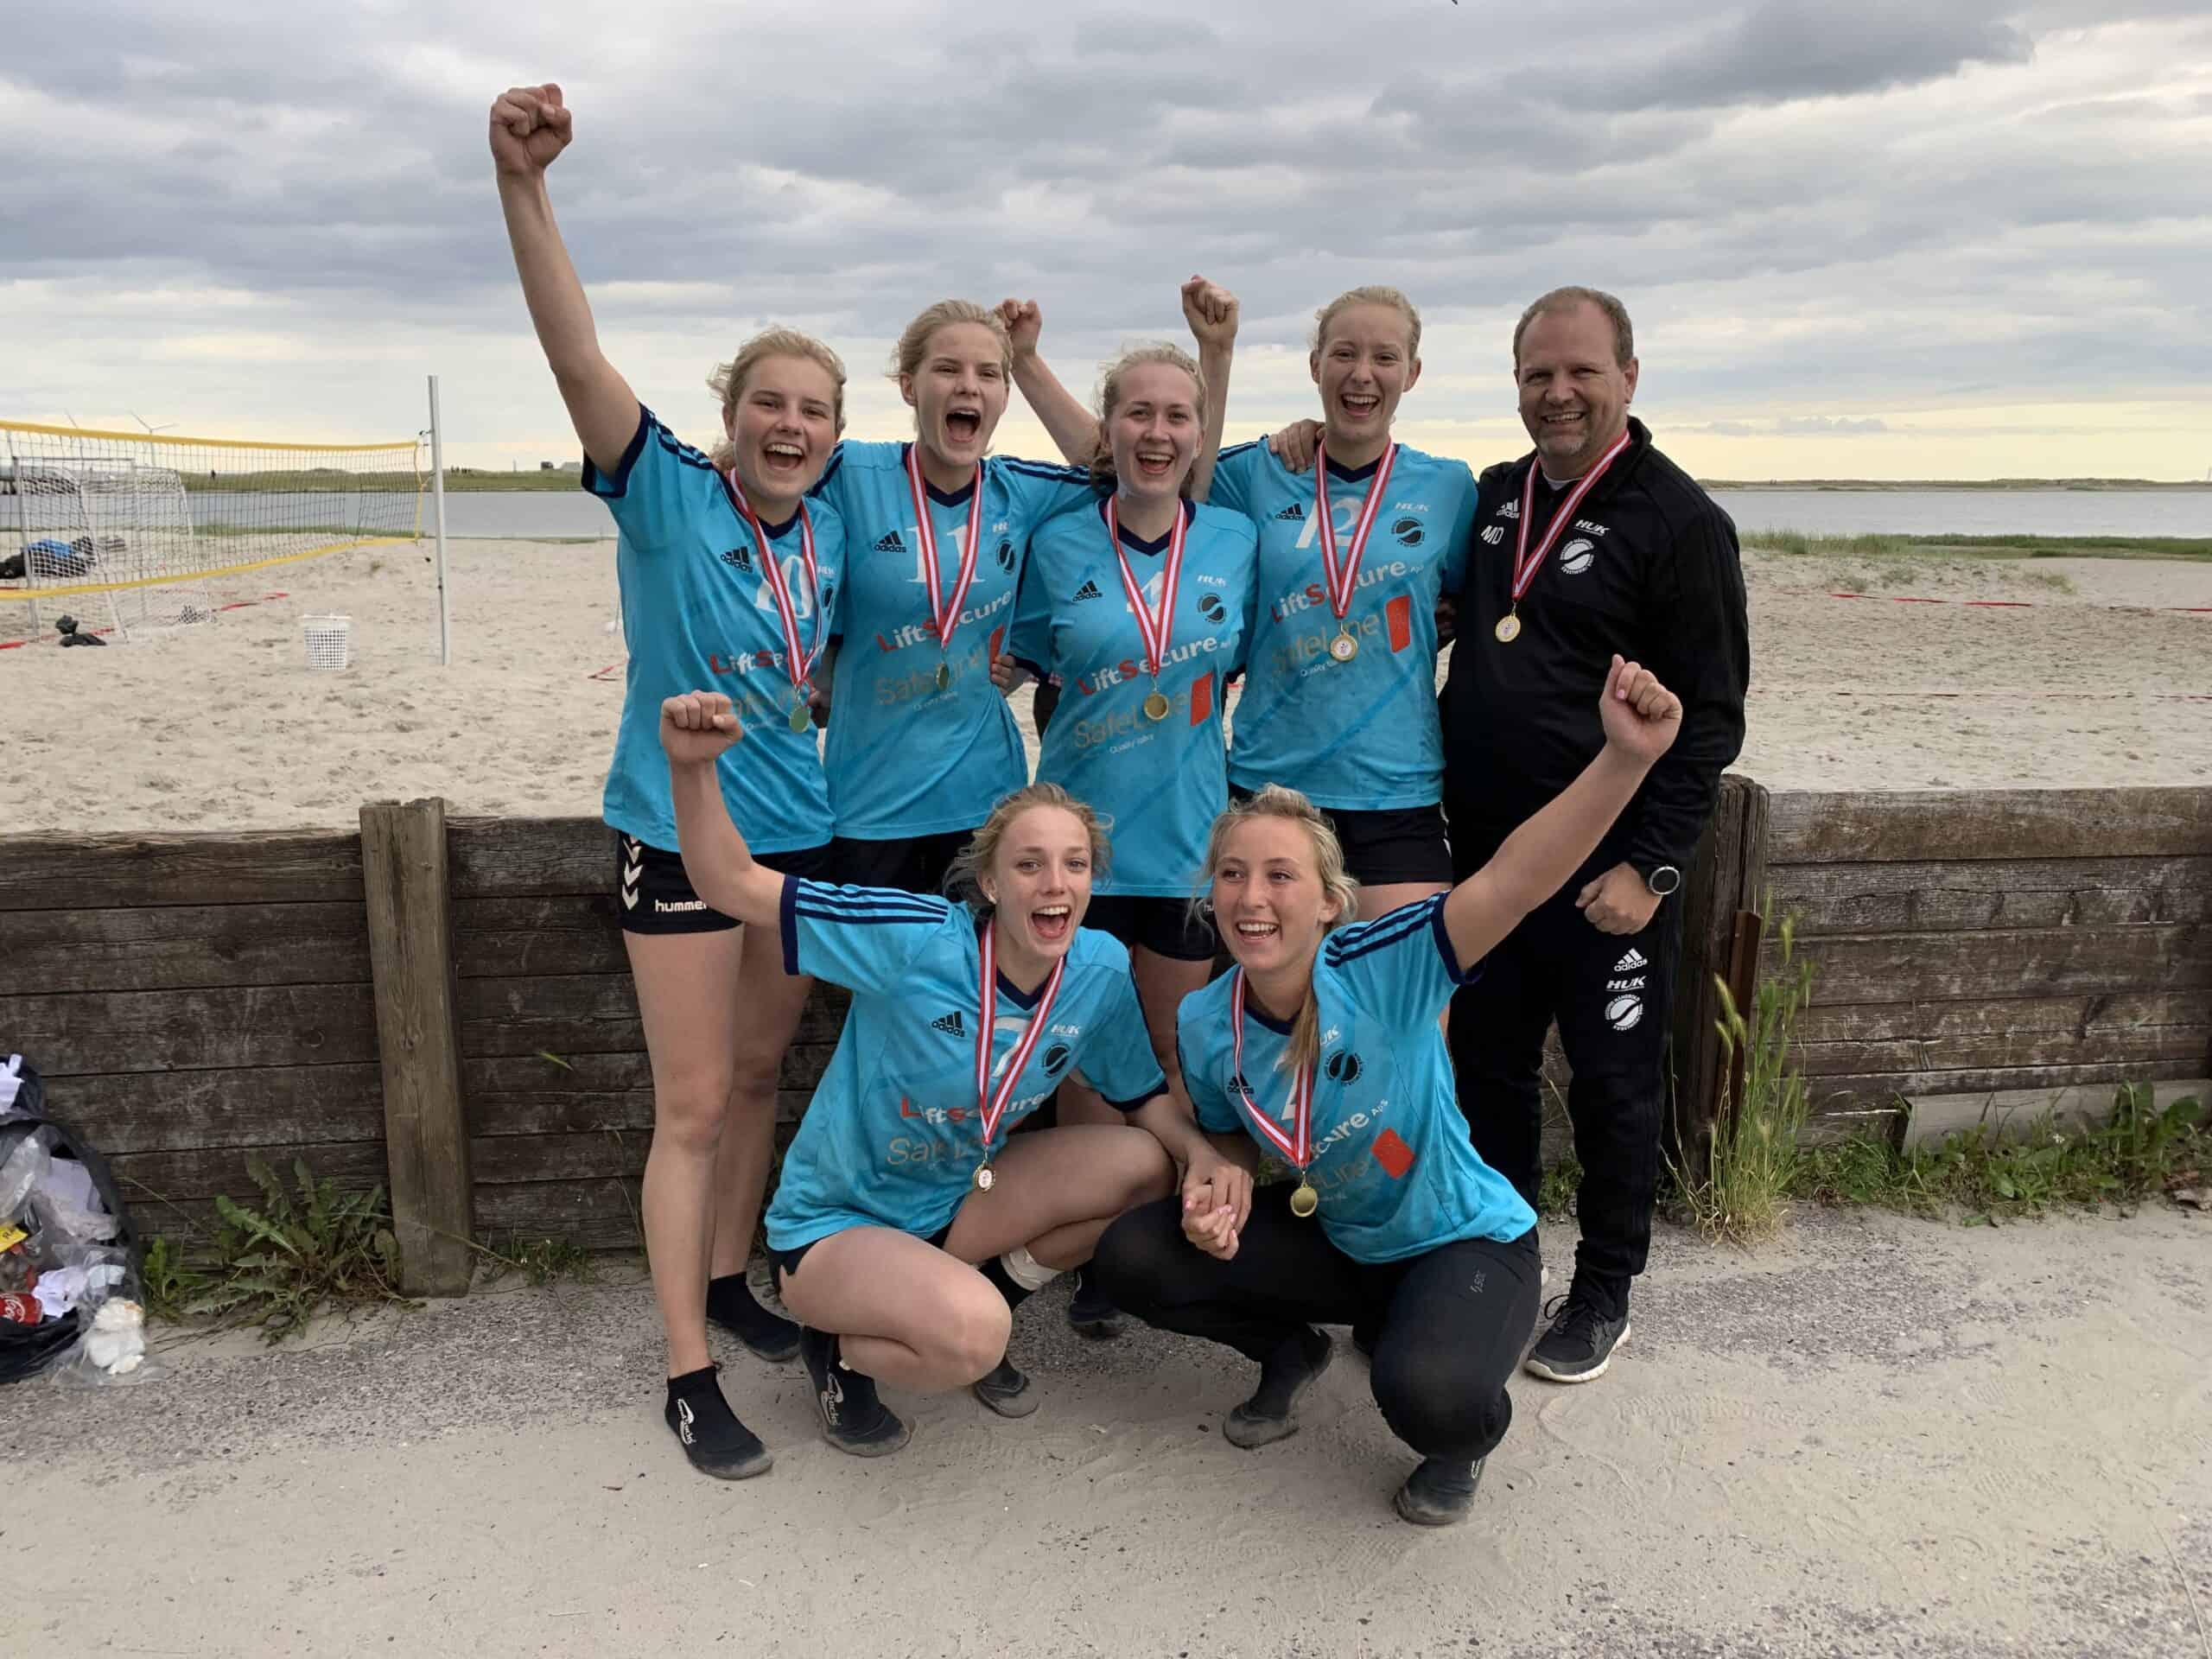 2019 Beach Amager guld